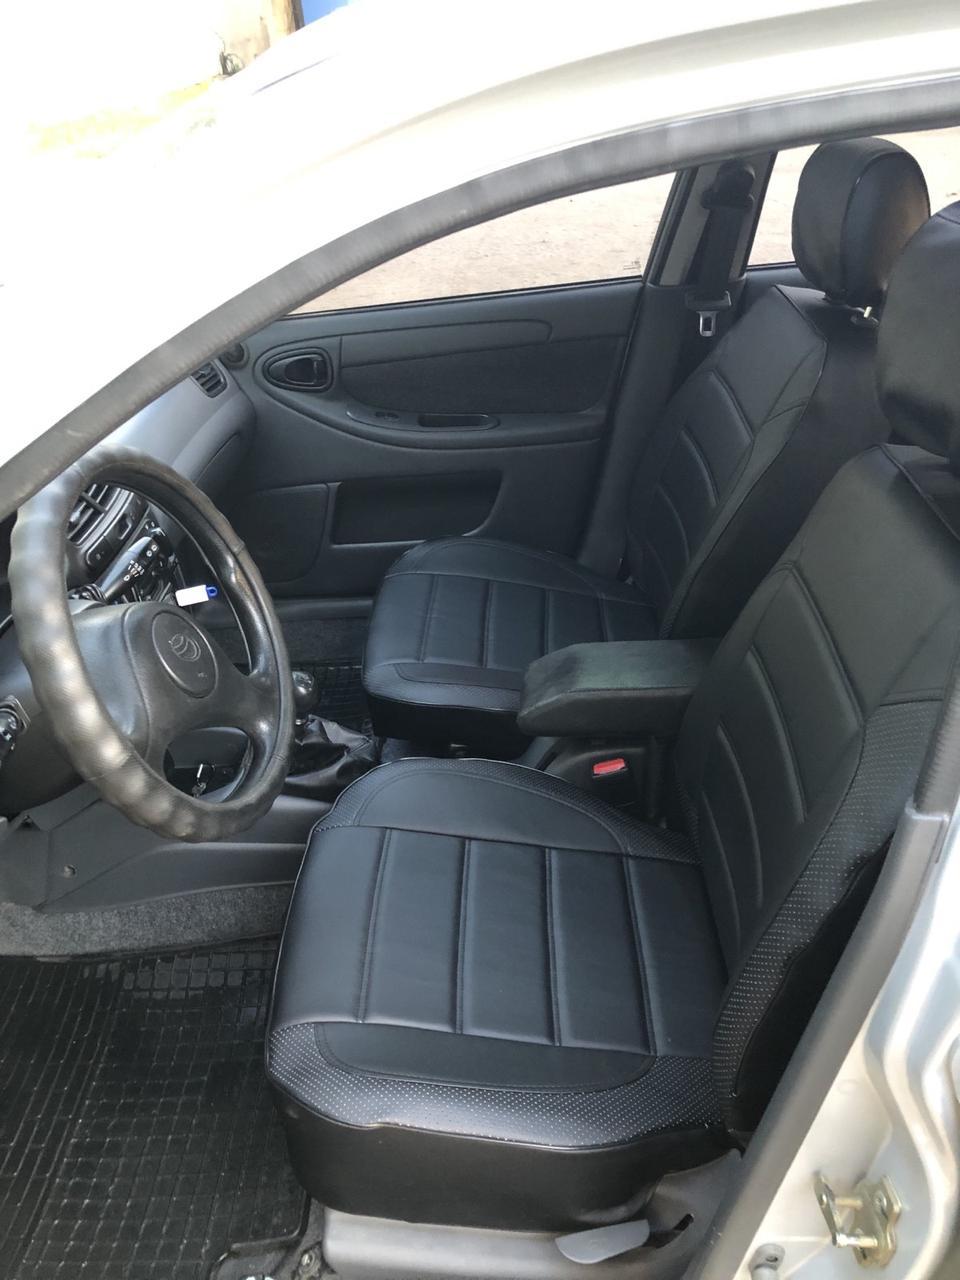 Чехлы на сиденья Фольксваген Пассат Б5 (Volkswagen Passat B5) модельные MAX-L из экокожи Черный